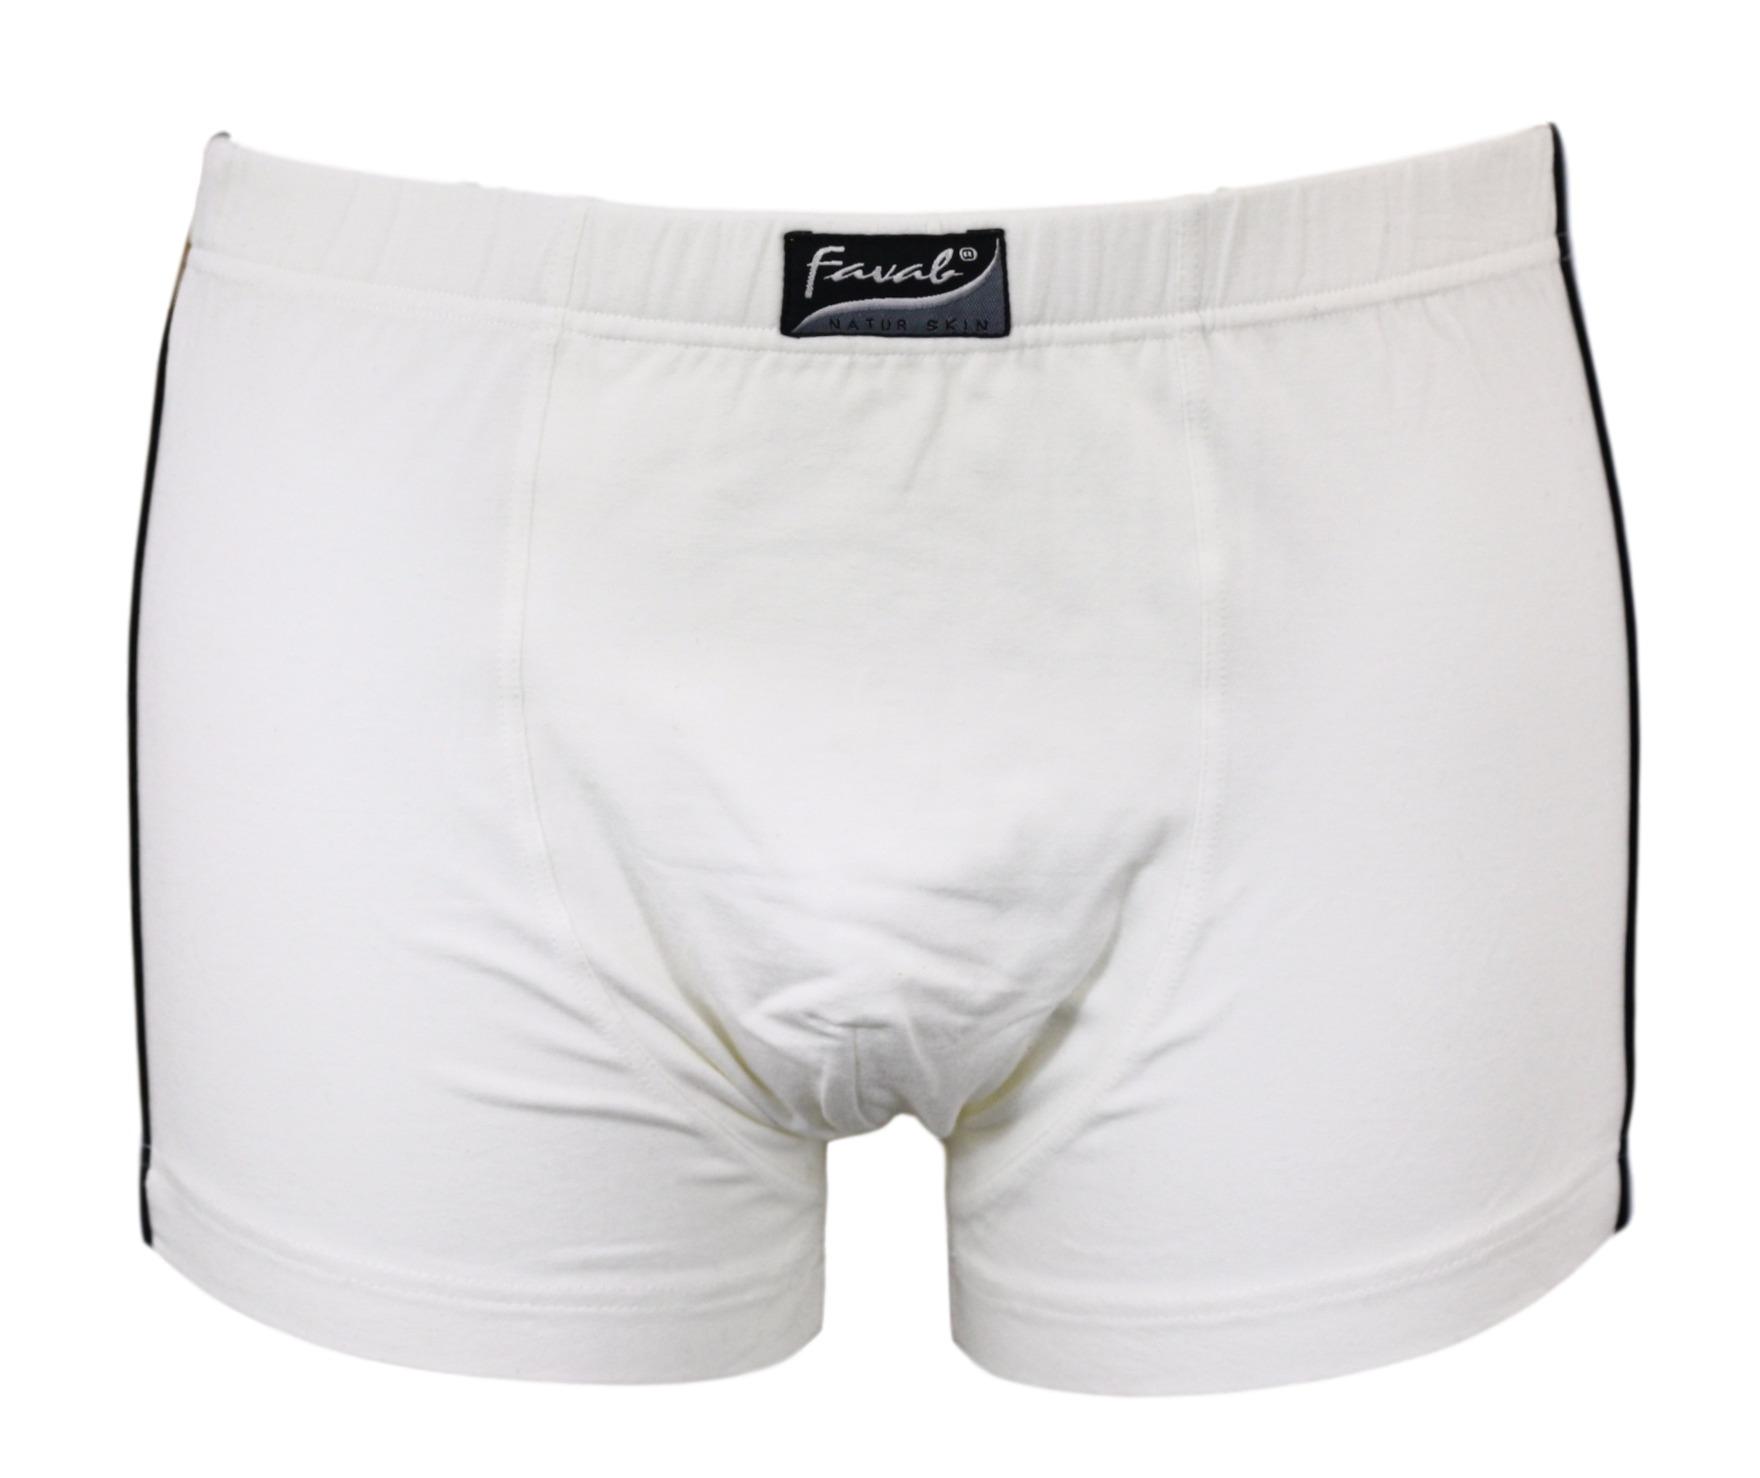 Favab boxerky MIX sleva - Bílá/XL